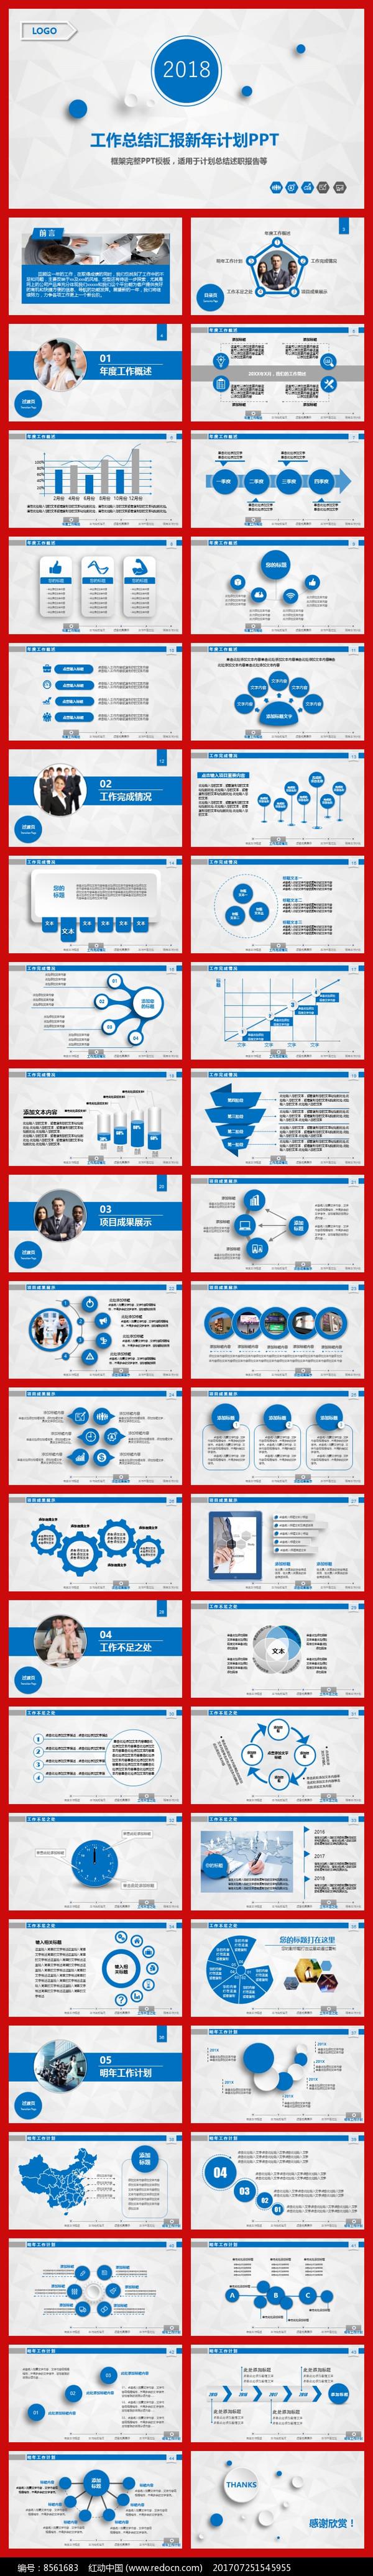 工作总结 新年计划PPT模板图片